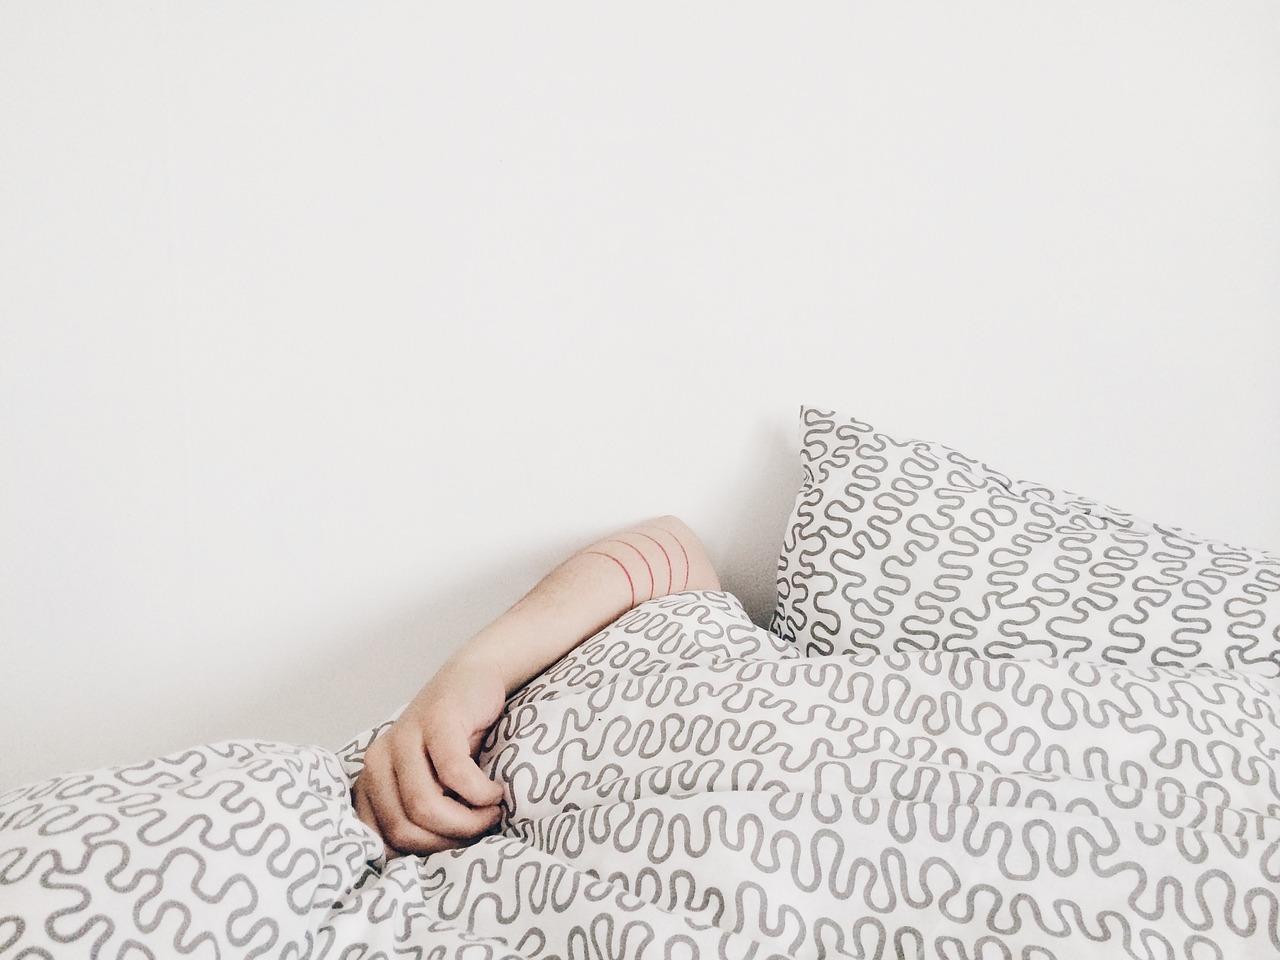 verimli bir gece uykusu gibisi yoktur